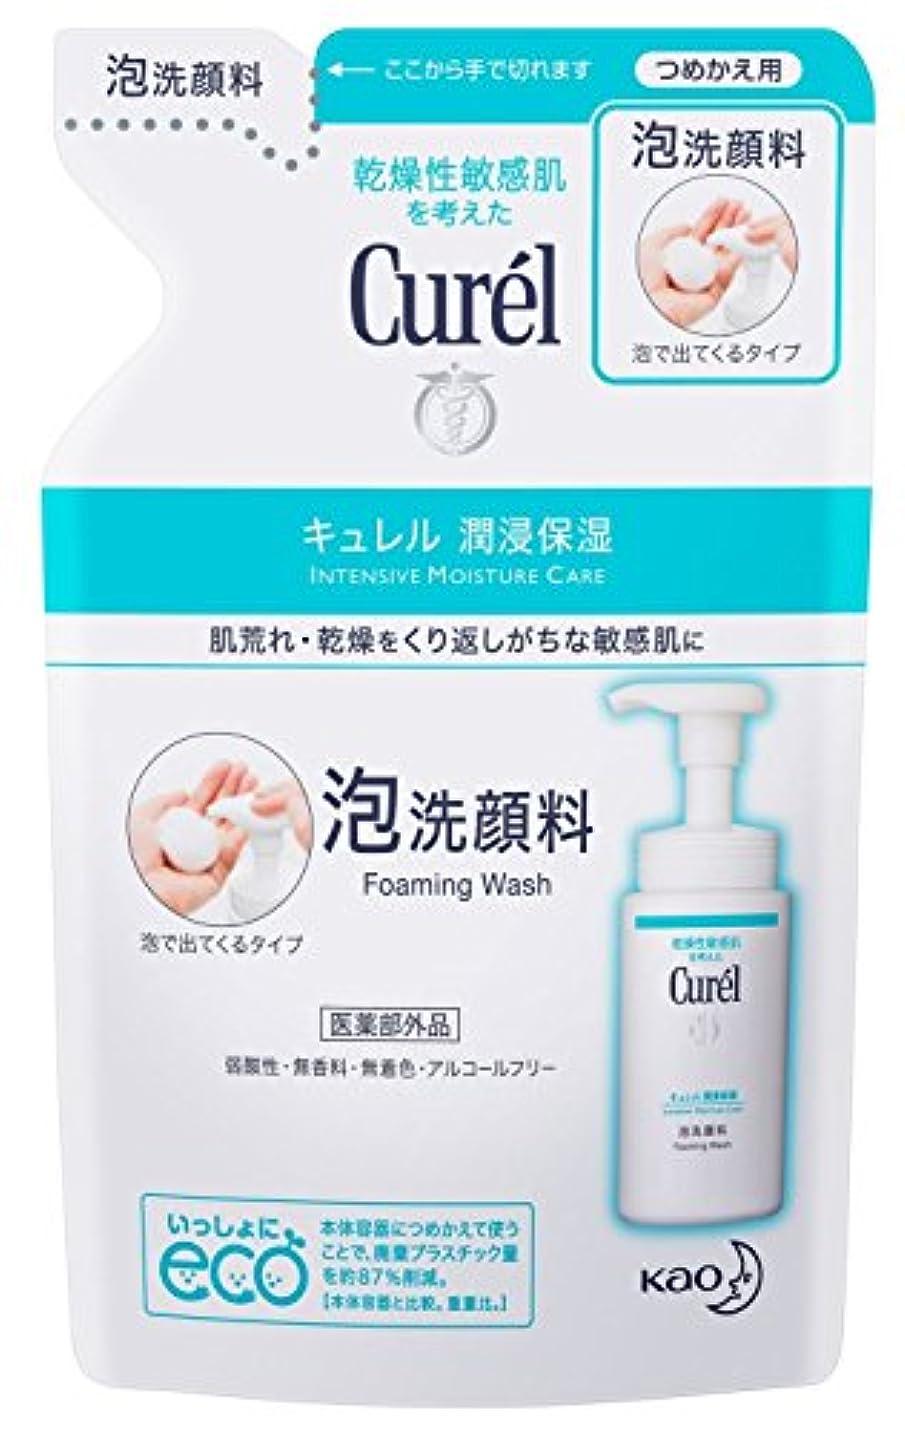 抽出精査する化学者キュレル 泡洗顔料 つめかえ用 130ml×3個